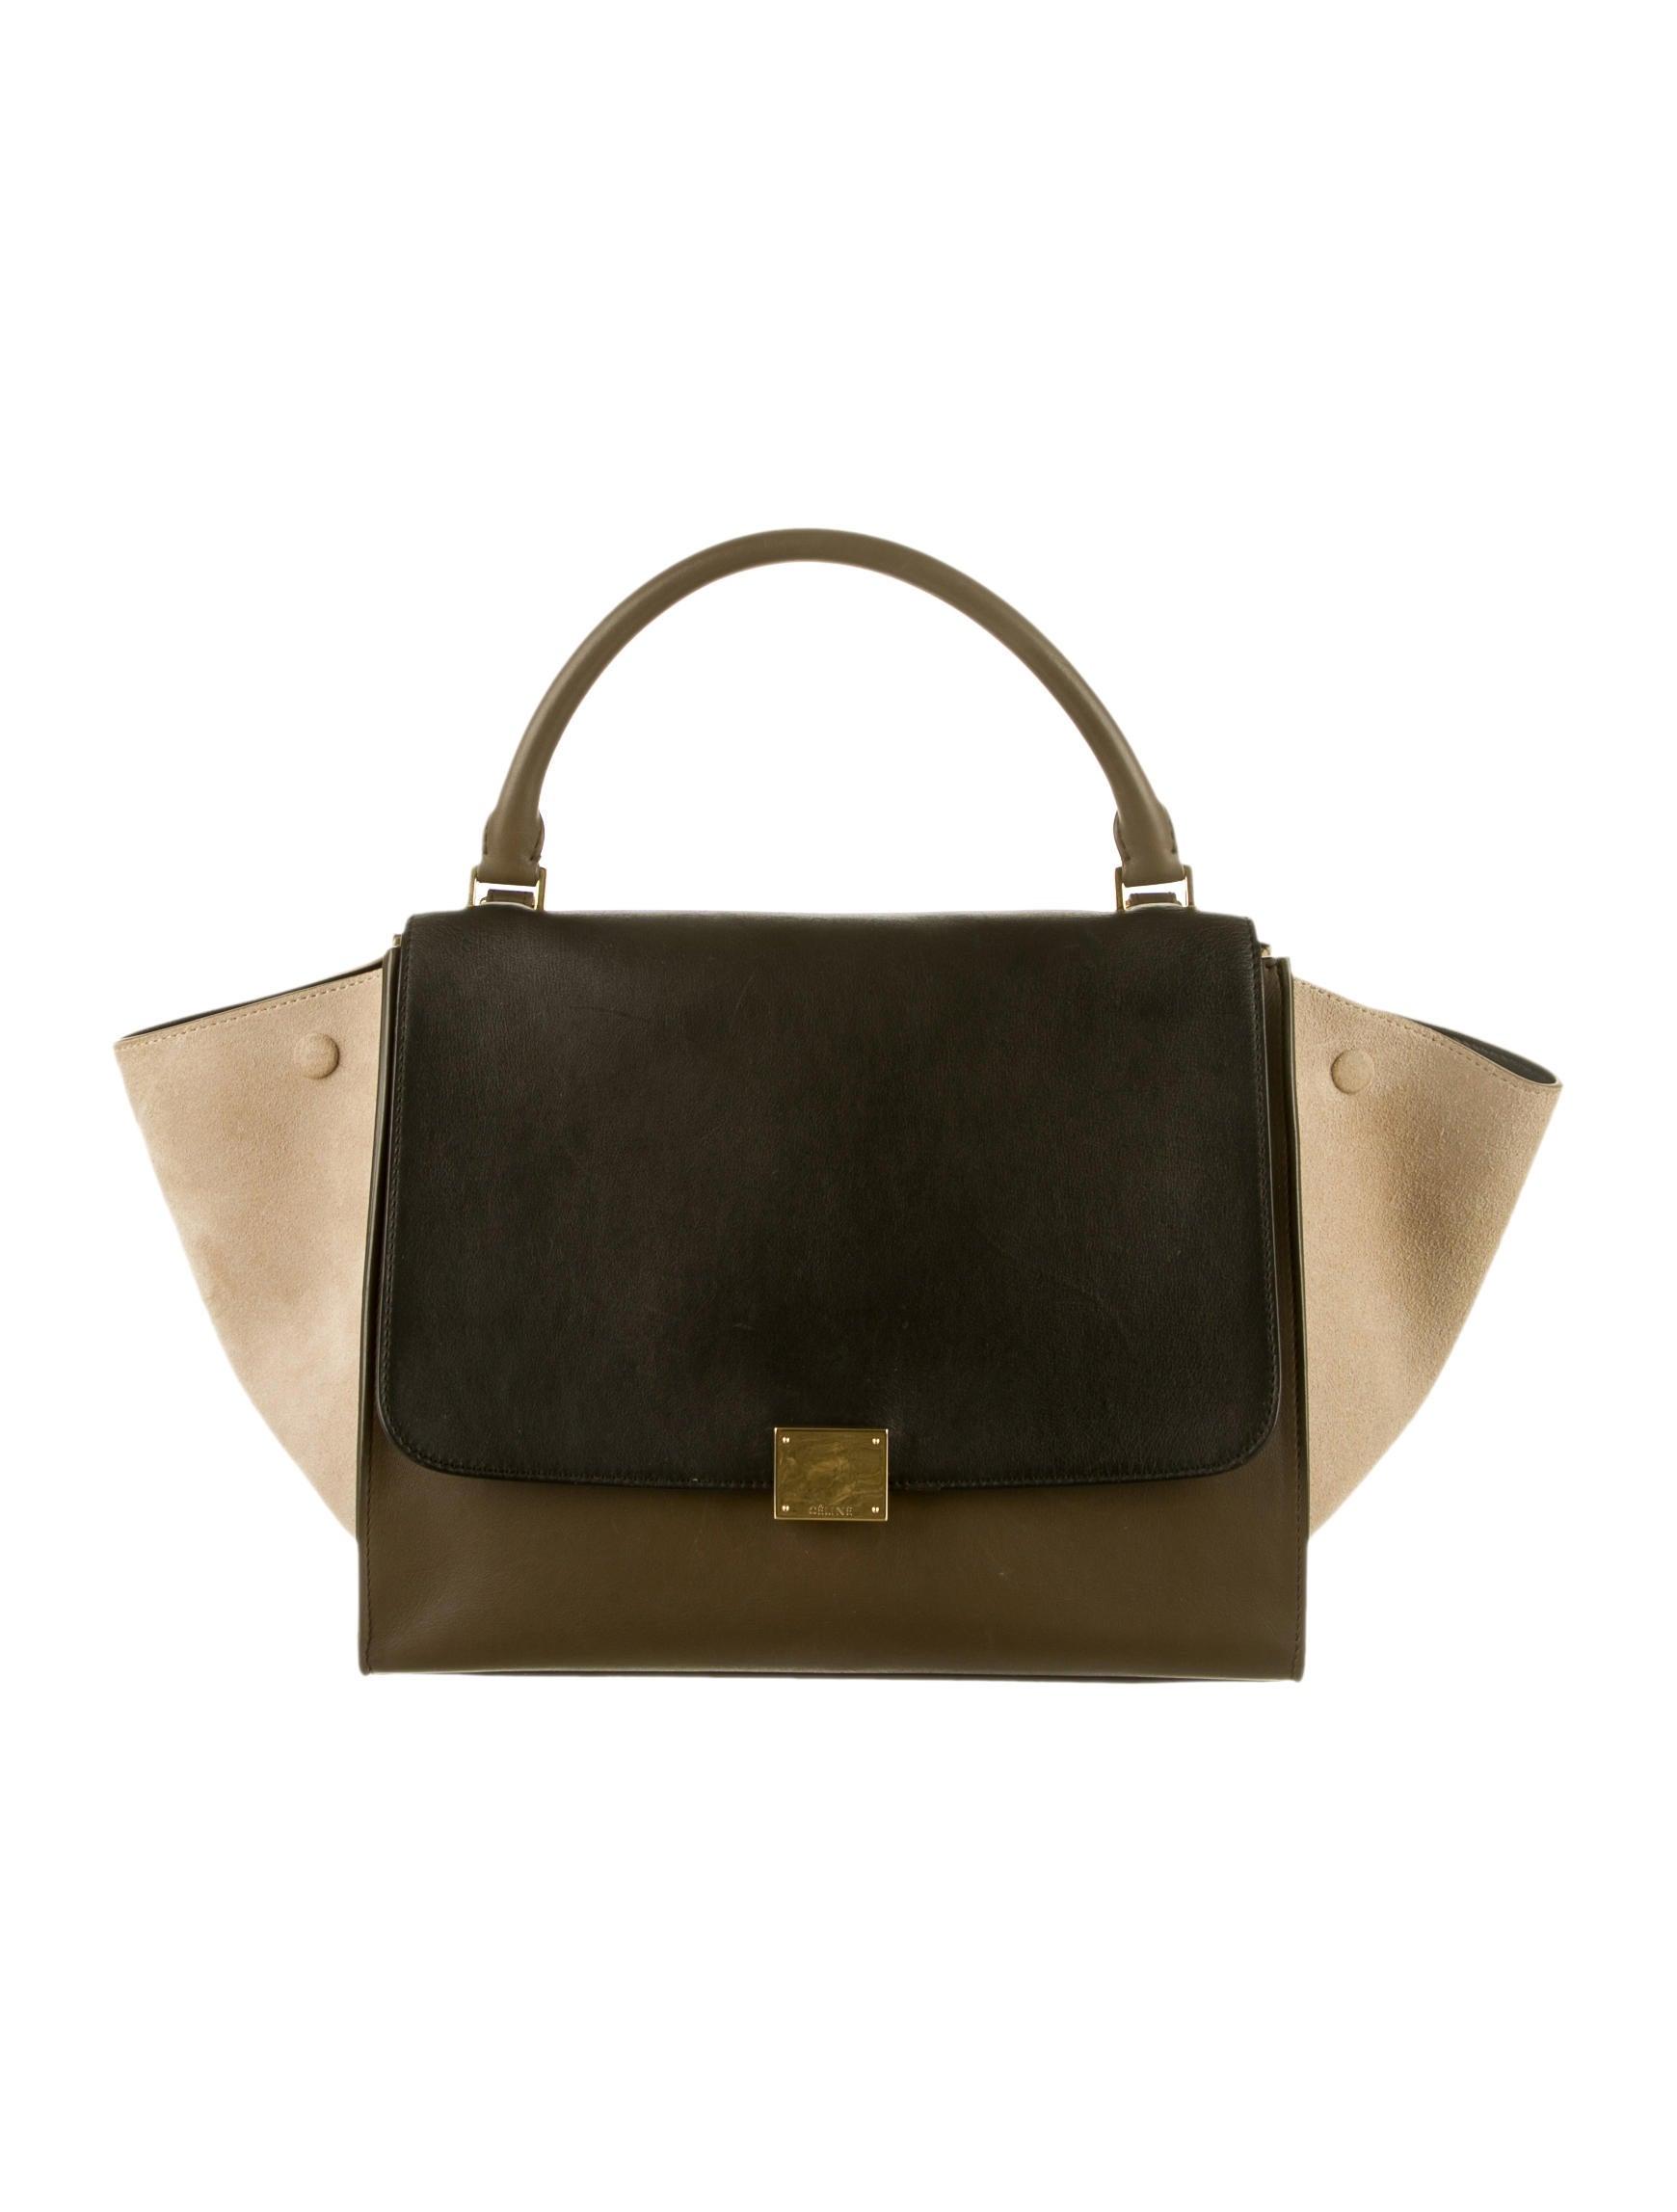 royal blue suede handbag - Celine Medium Luggage Tote Neon Black